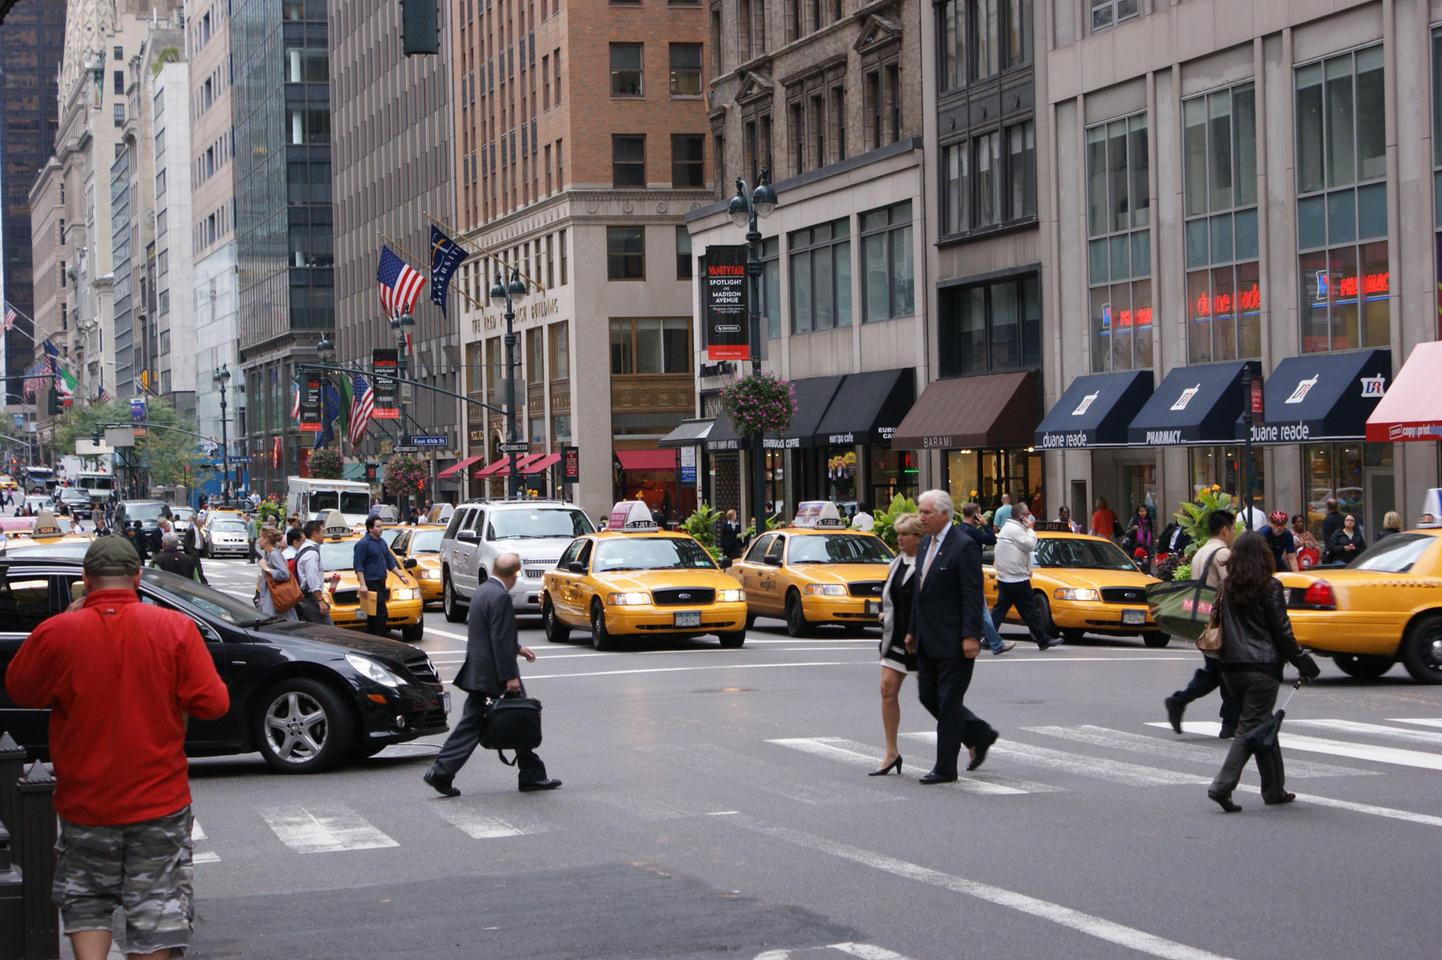 Séjours linguistiques : Mon expérience de consolidation de l'anglais aux USA